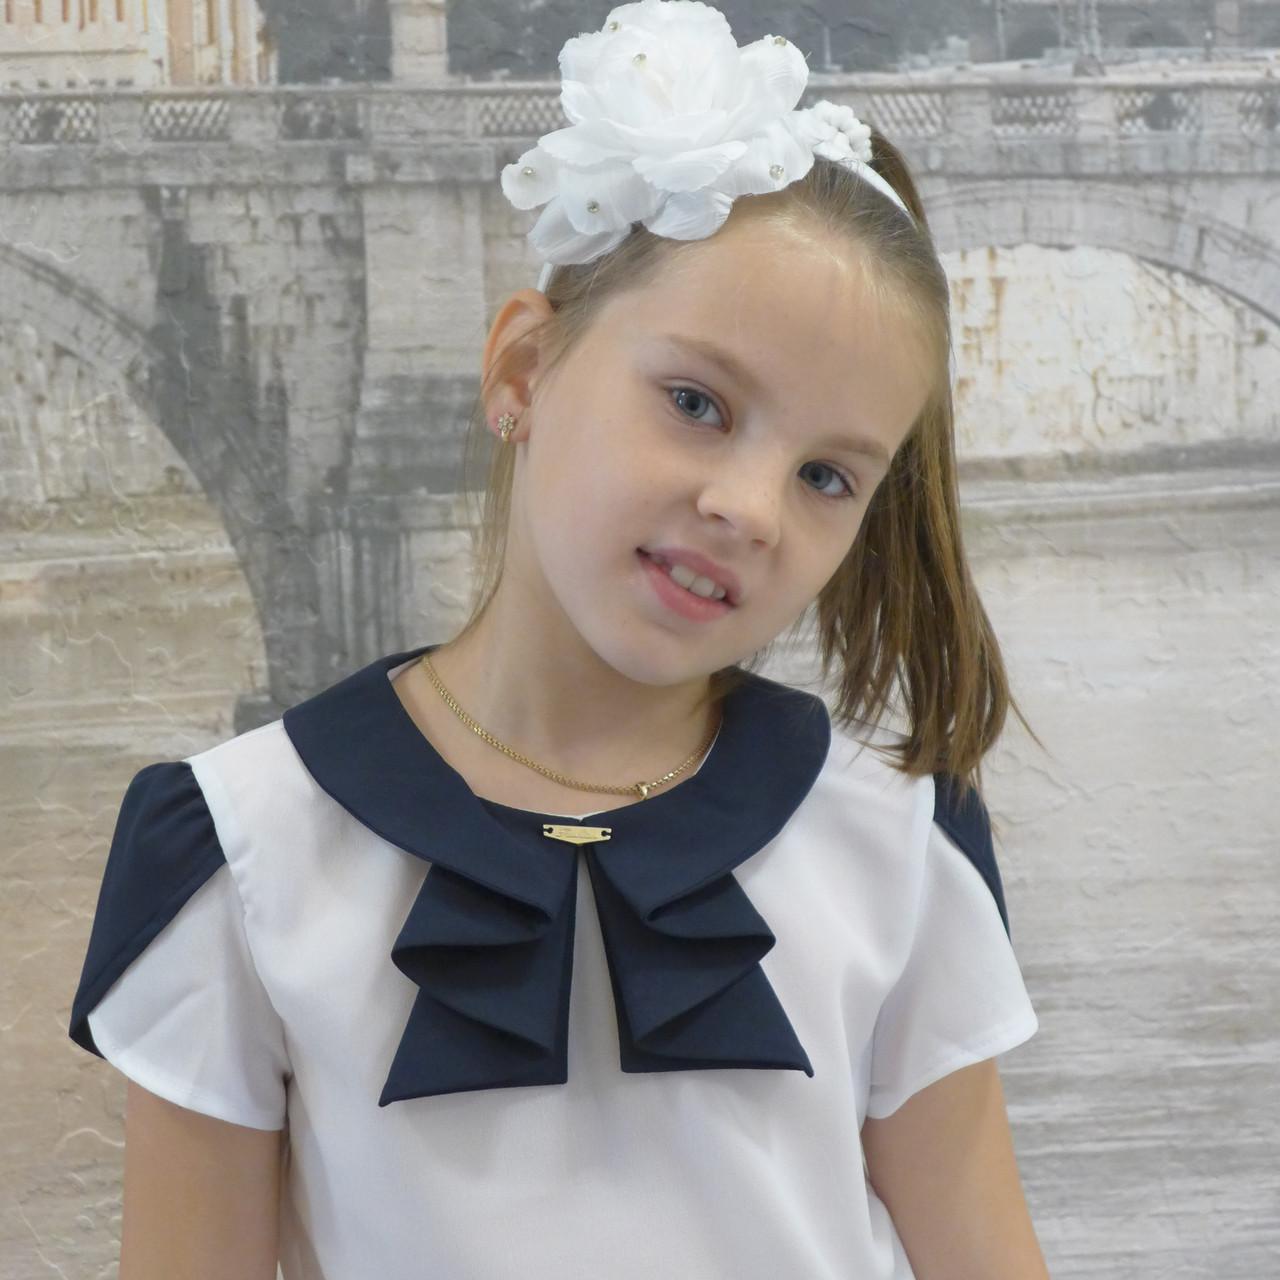 """Блузка для девочки """"Жабо""""(белая с синей отделкой)"""